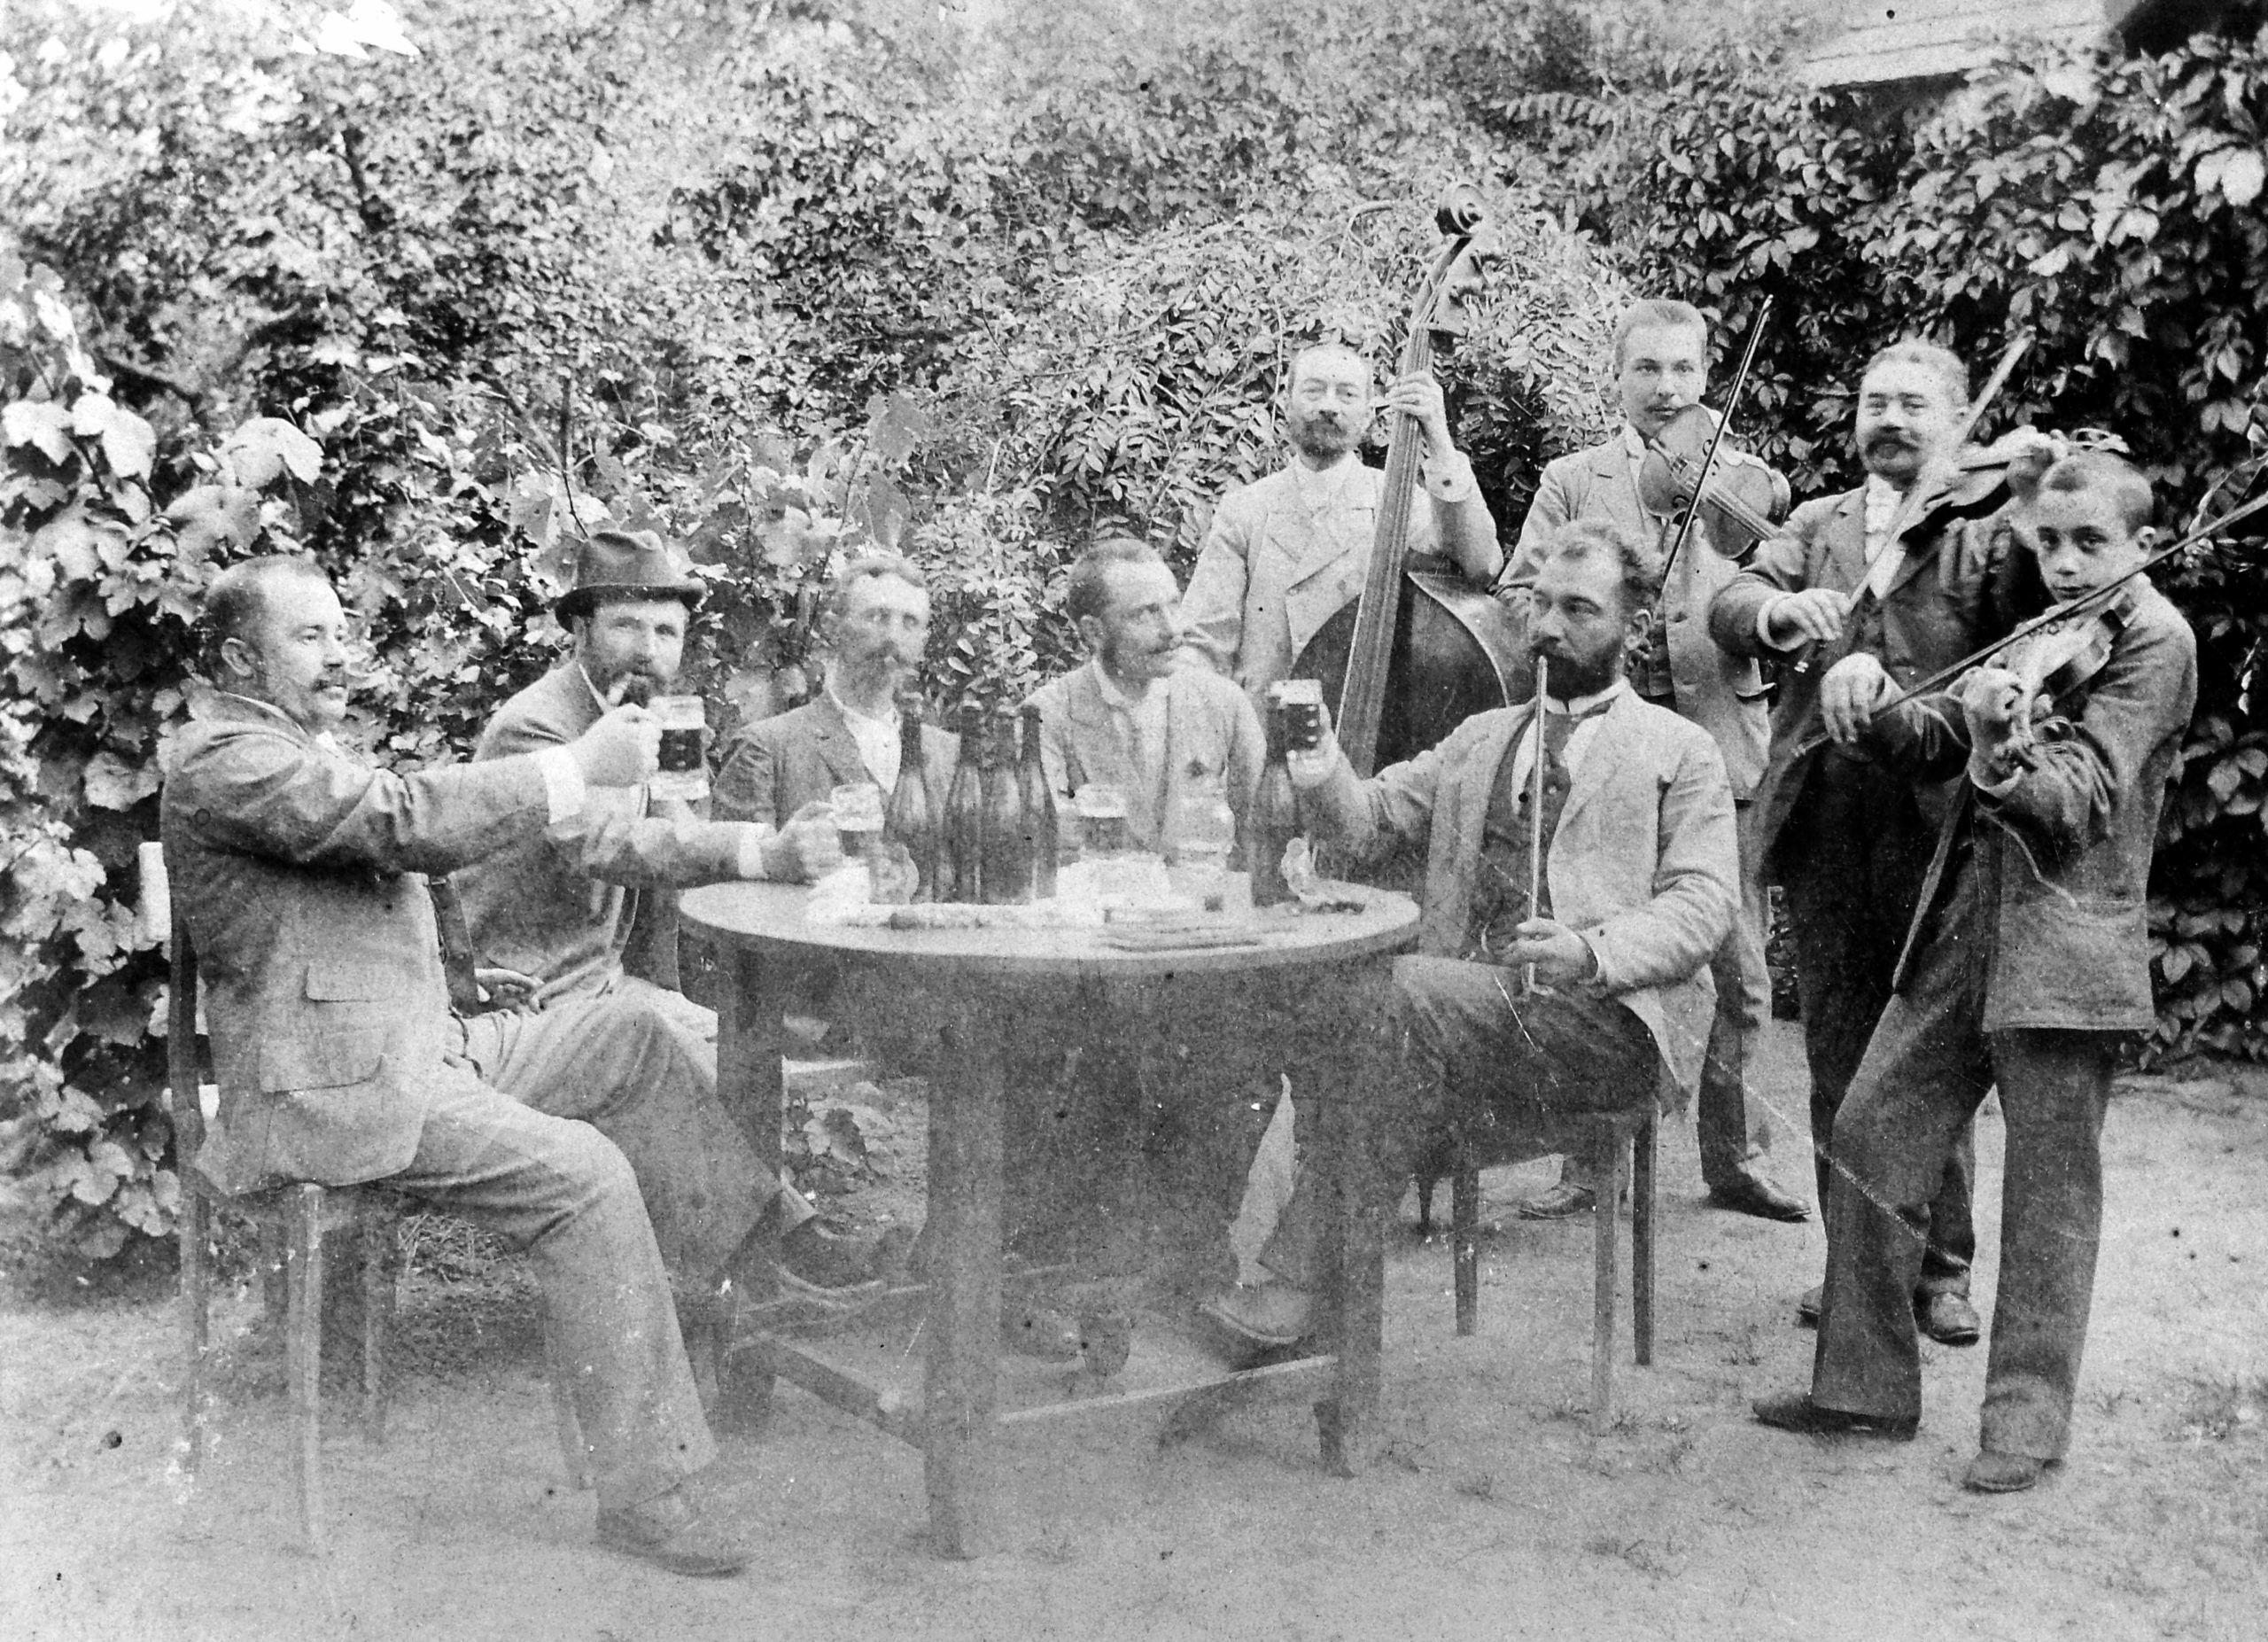 Hatalmas magyar buli a századforduló környékén (fotó: Fortepan)